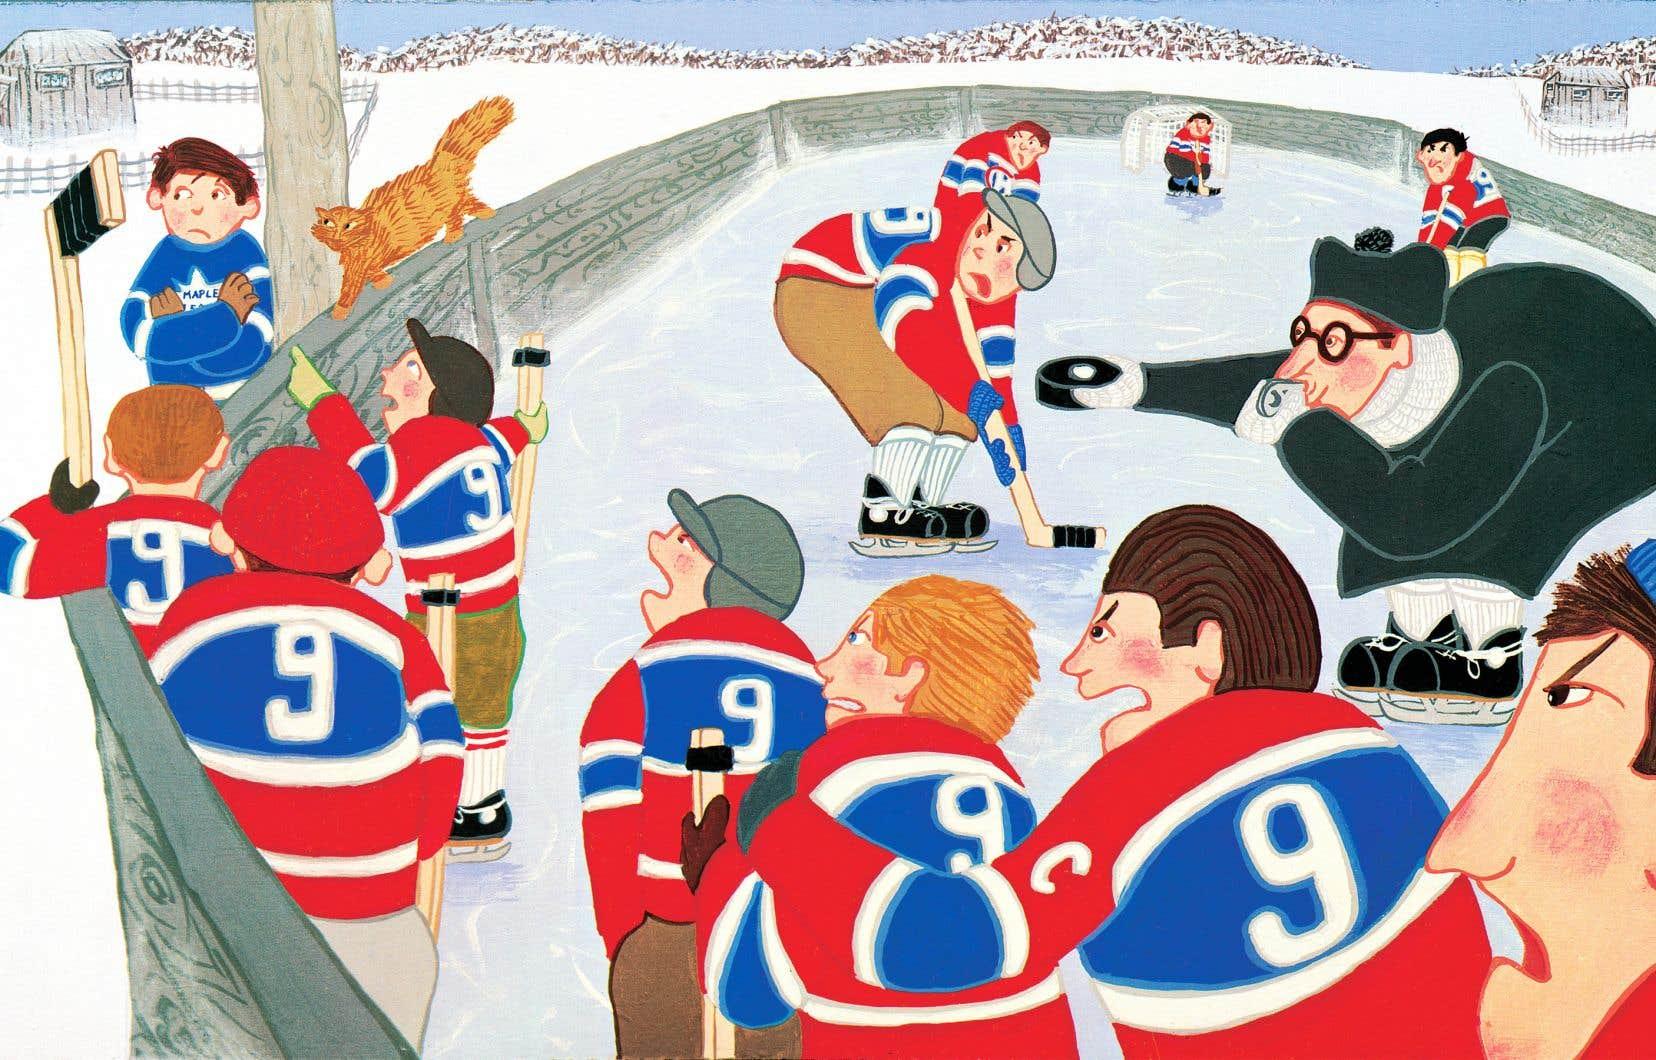 En 1984, Tundra Books publie la nouvelle de Roch Carrier, accompagnée des illustrations colorées de Sheldon Cohen, sous le titre «Le chandail de hockey». C'est cette version qui s'est vendue à plus de 300000 exemplaires, dans les deux langues, et qui a fait entrer pour de bon les mots de Carrier dans l'imaginaire collectif québécois et canadien.